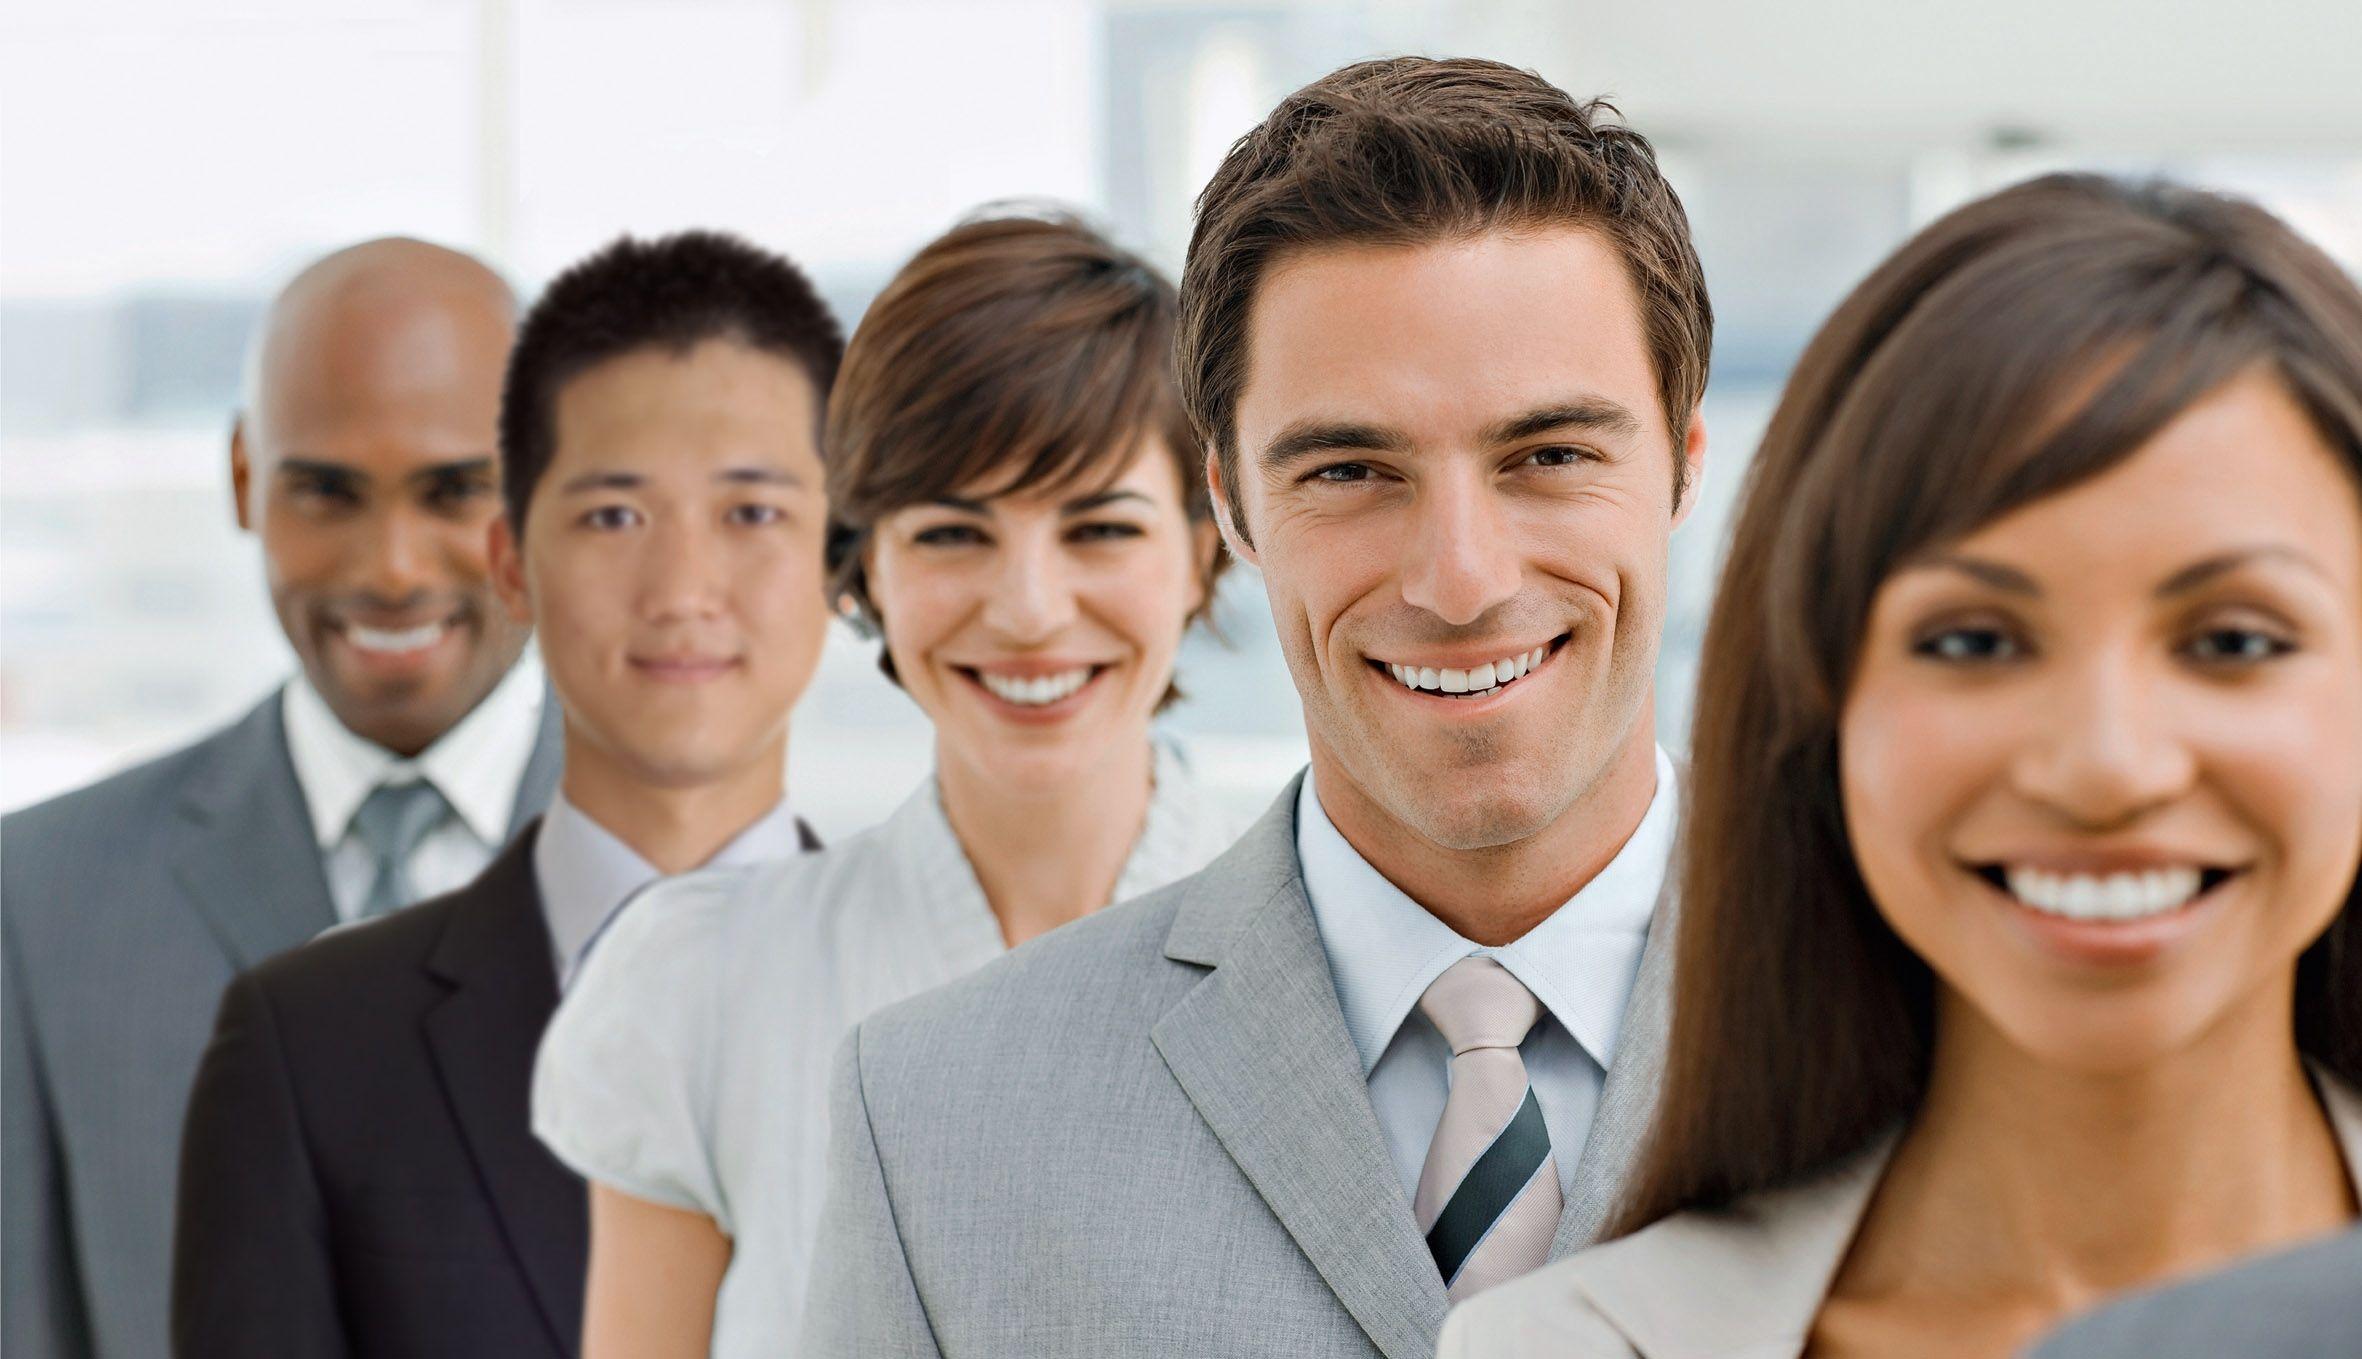 e-Business Global Ltd Rapid Business Start-up We'll help ...